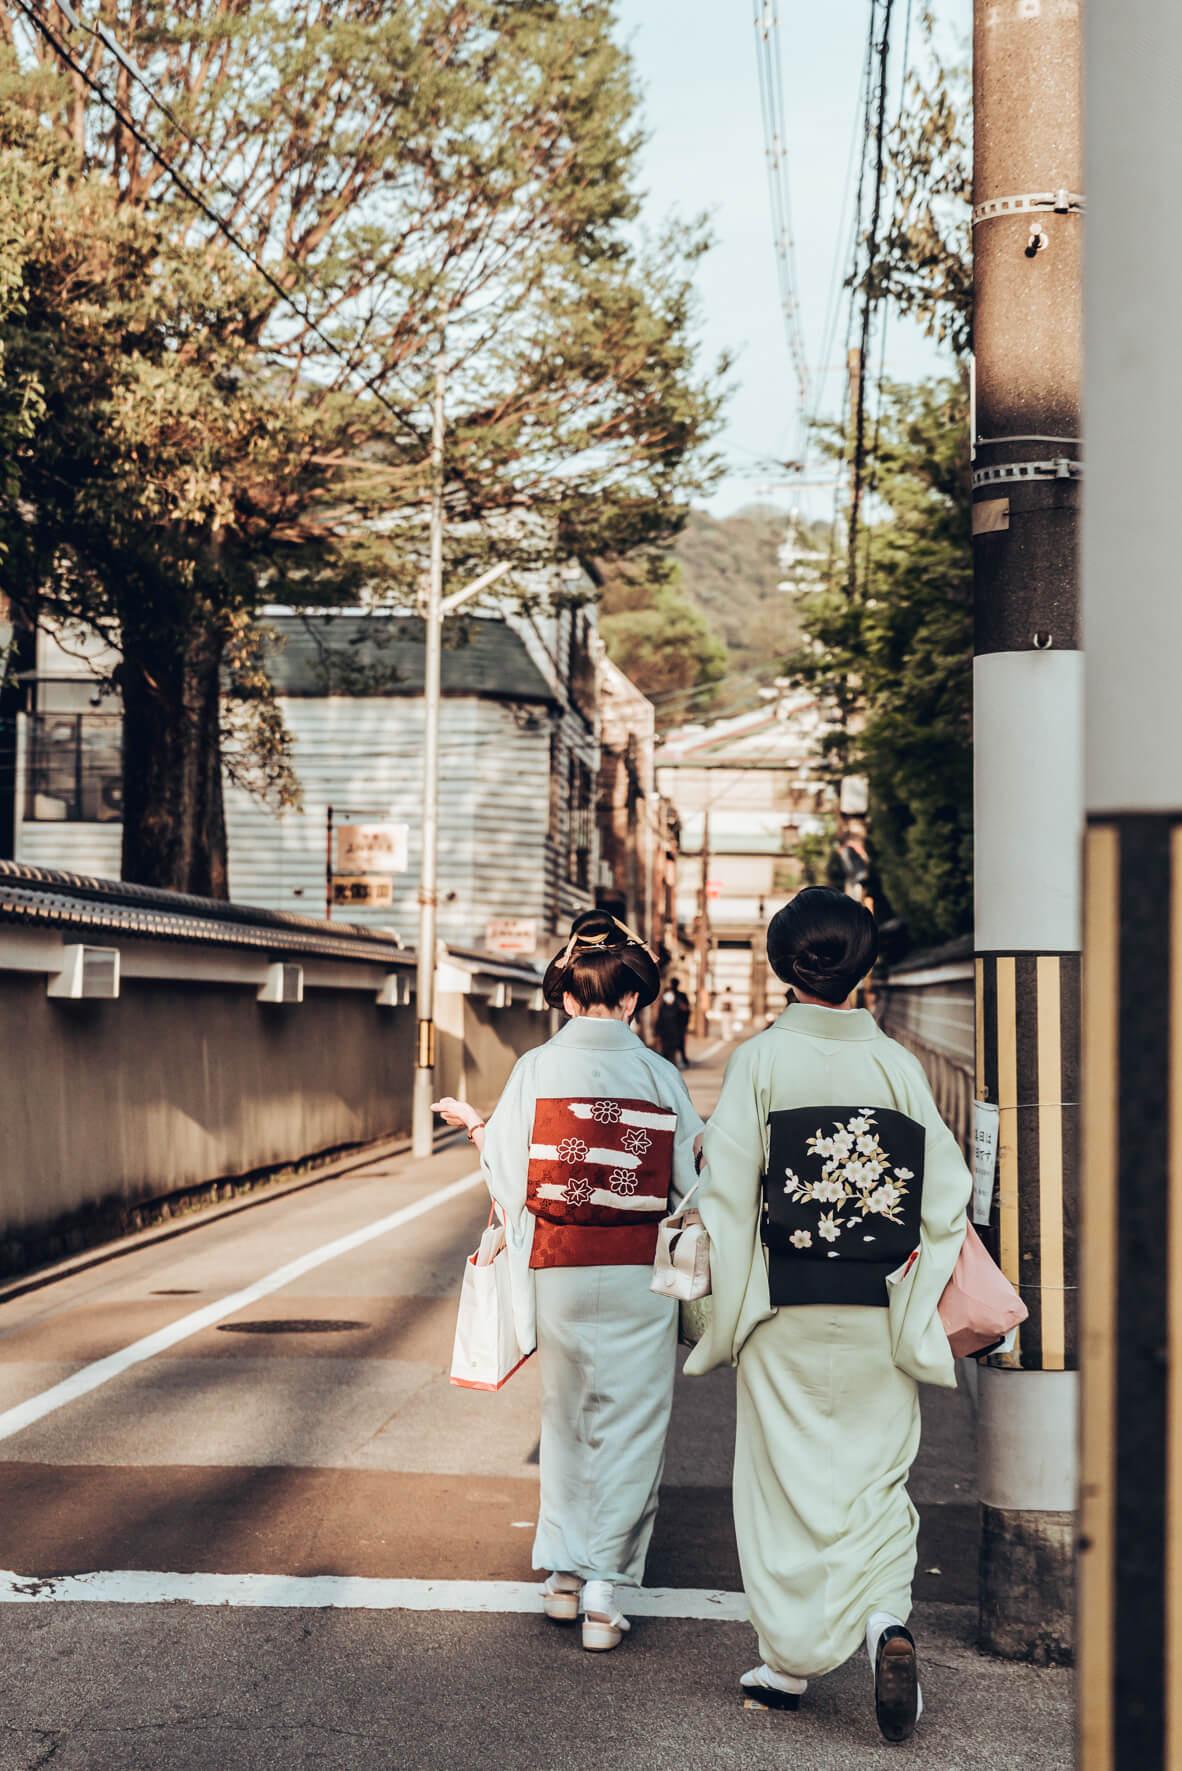 Japan-479.jpg